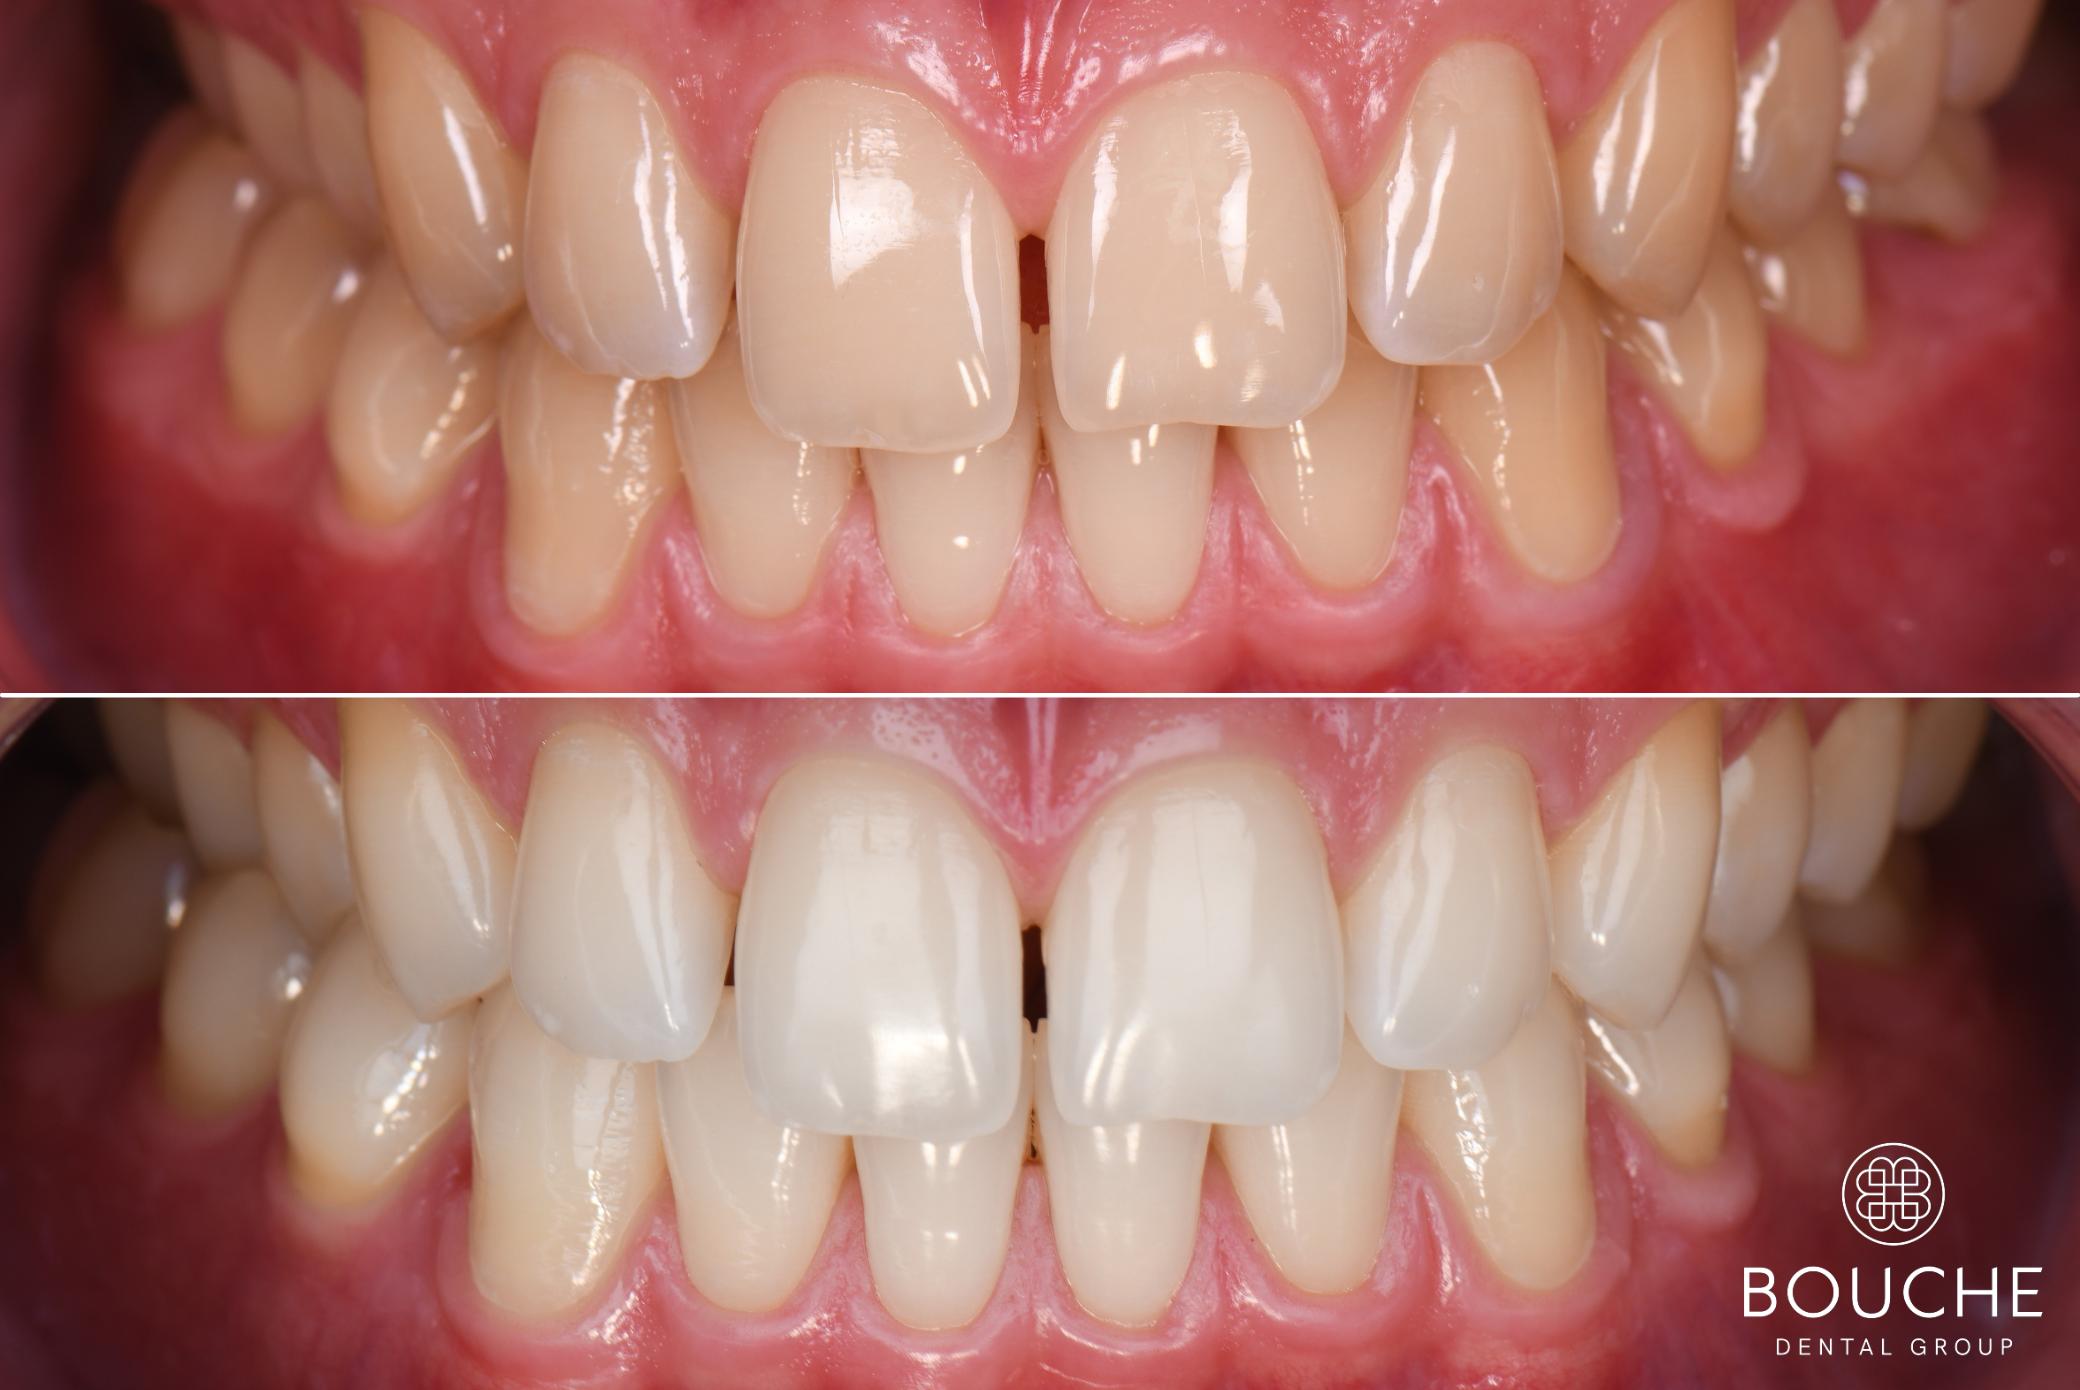 branqueamento dentário bouche dental group